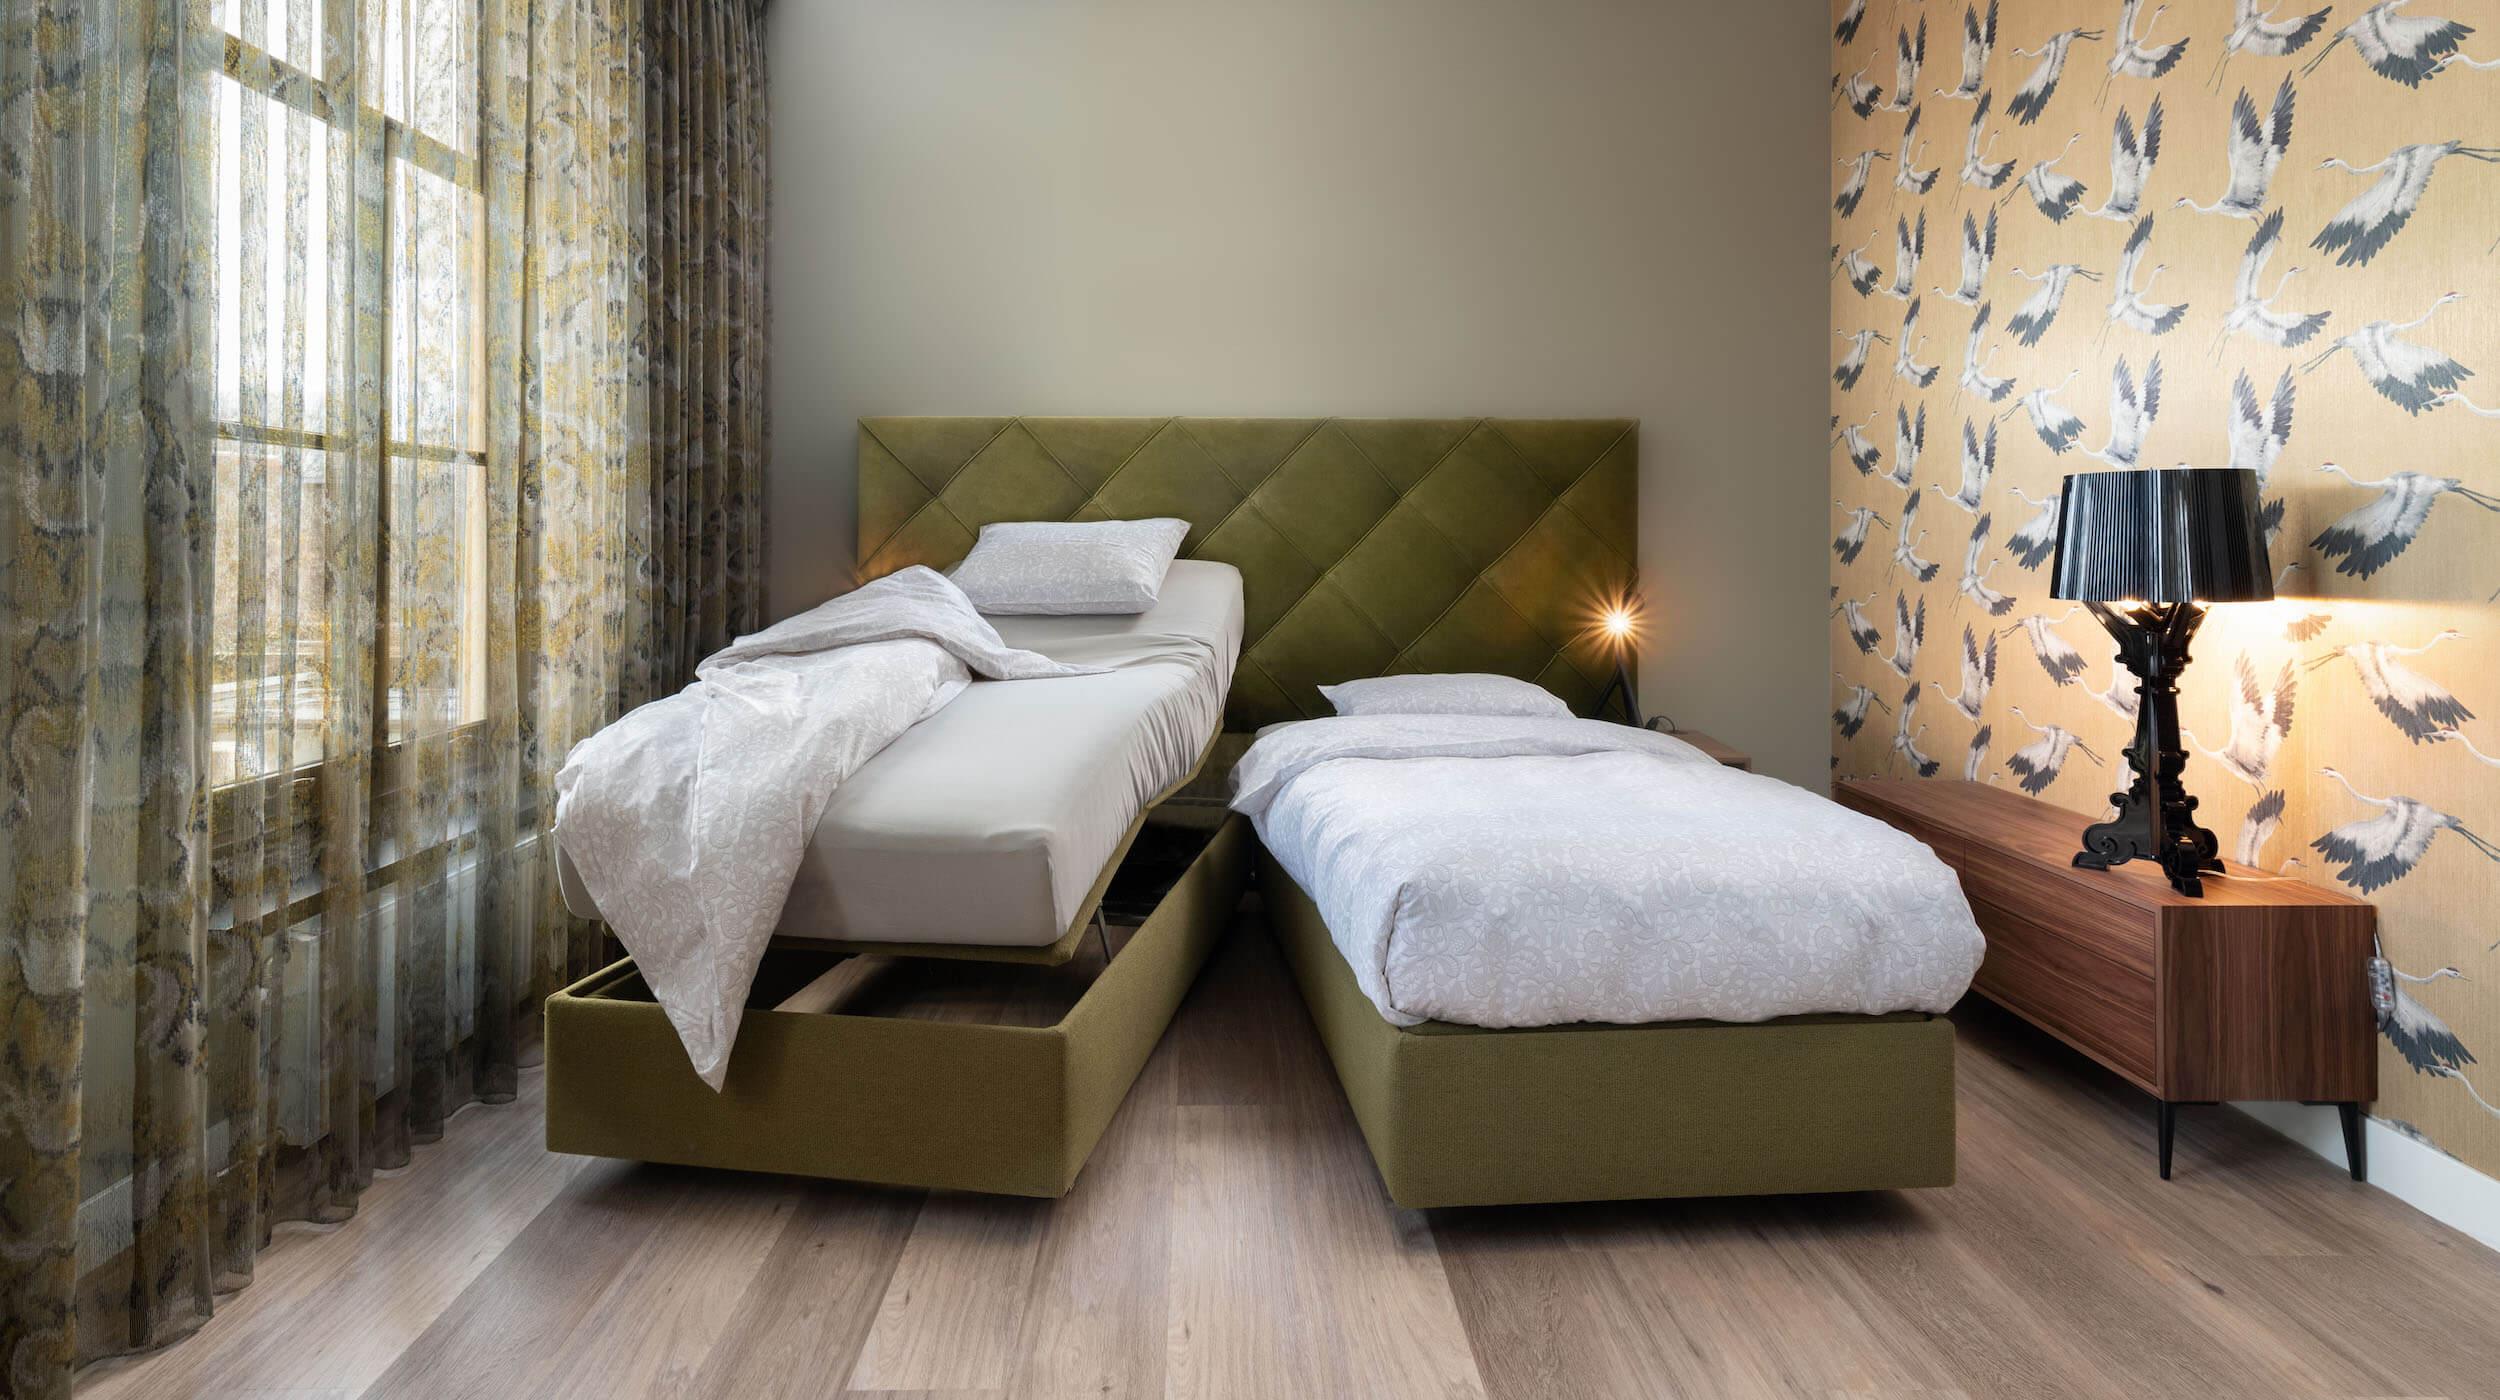 2-persoons elektrisch bed met matrassen